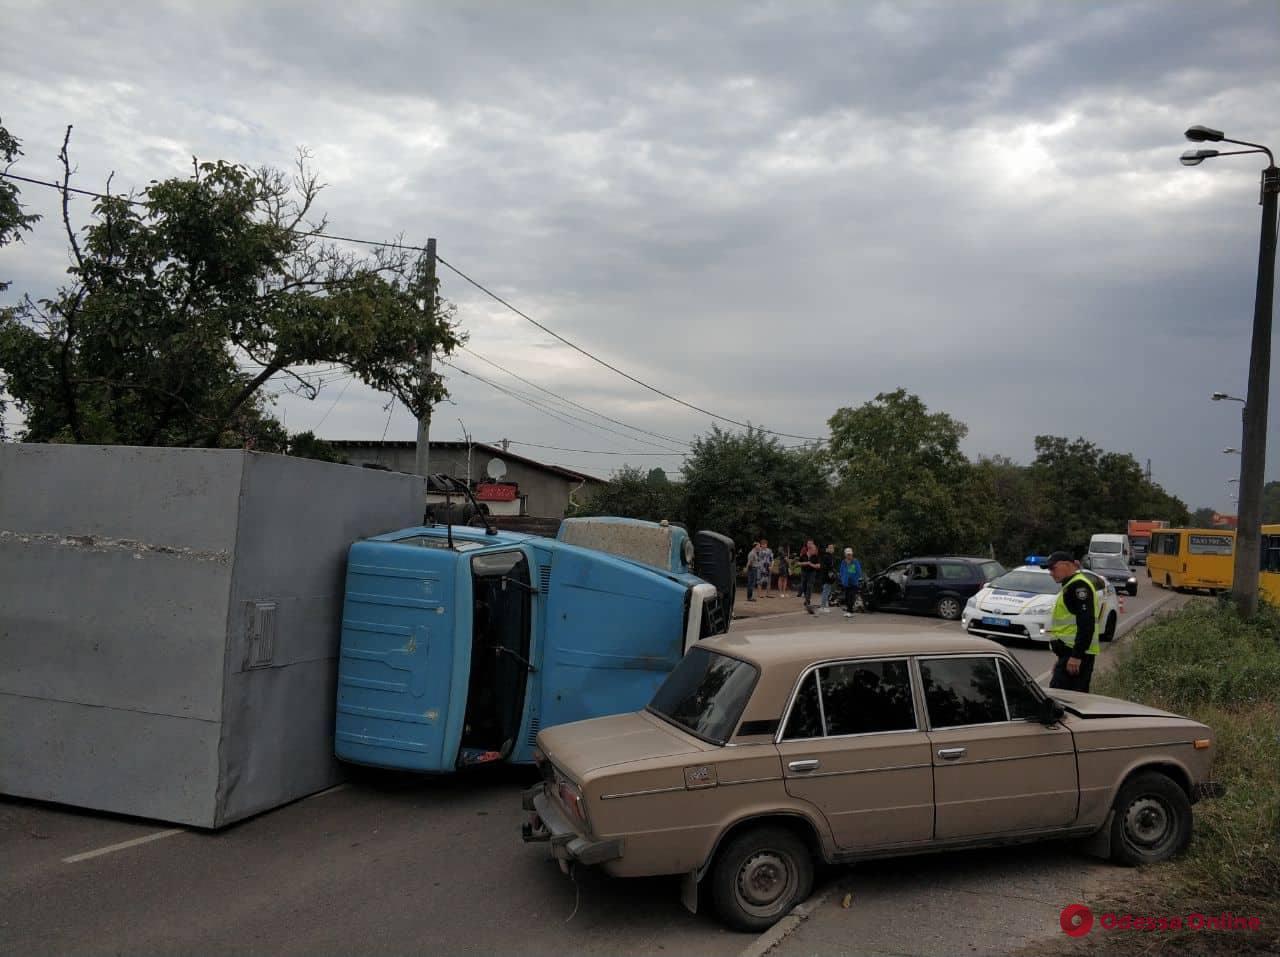 Заблокировал дорогу: на Ленпоселке перевернулся грузовик